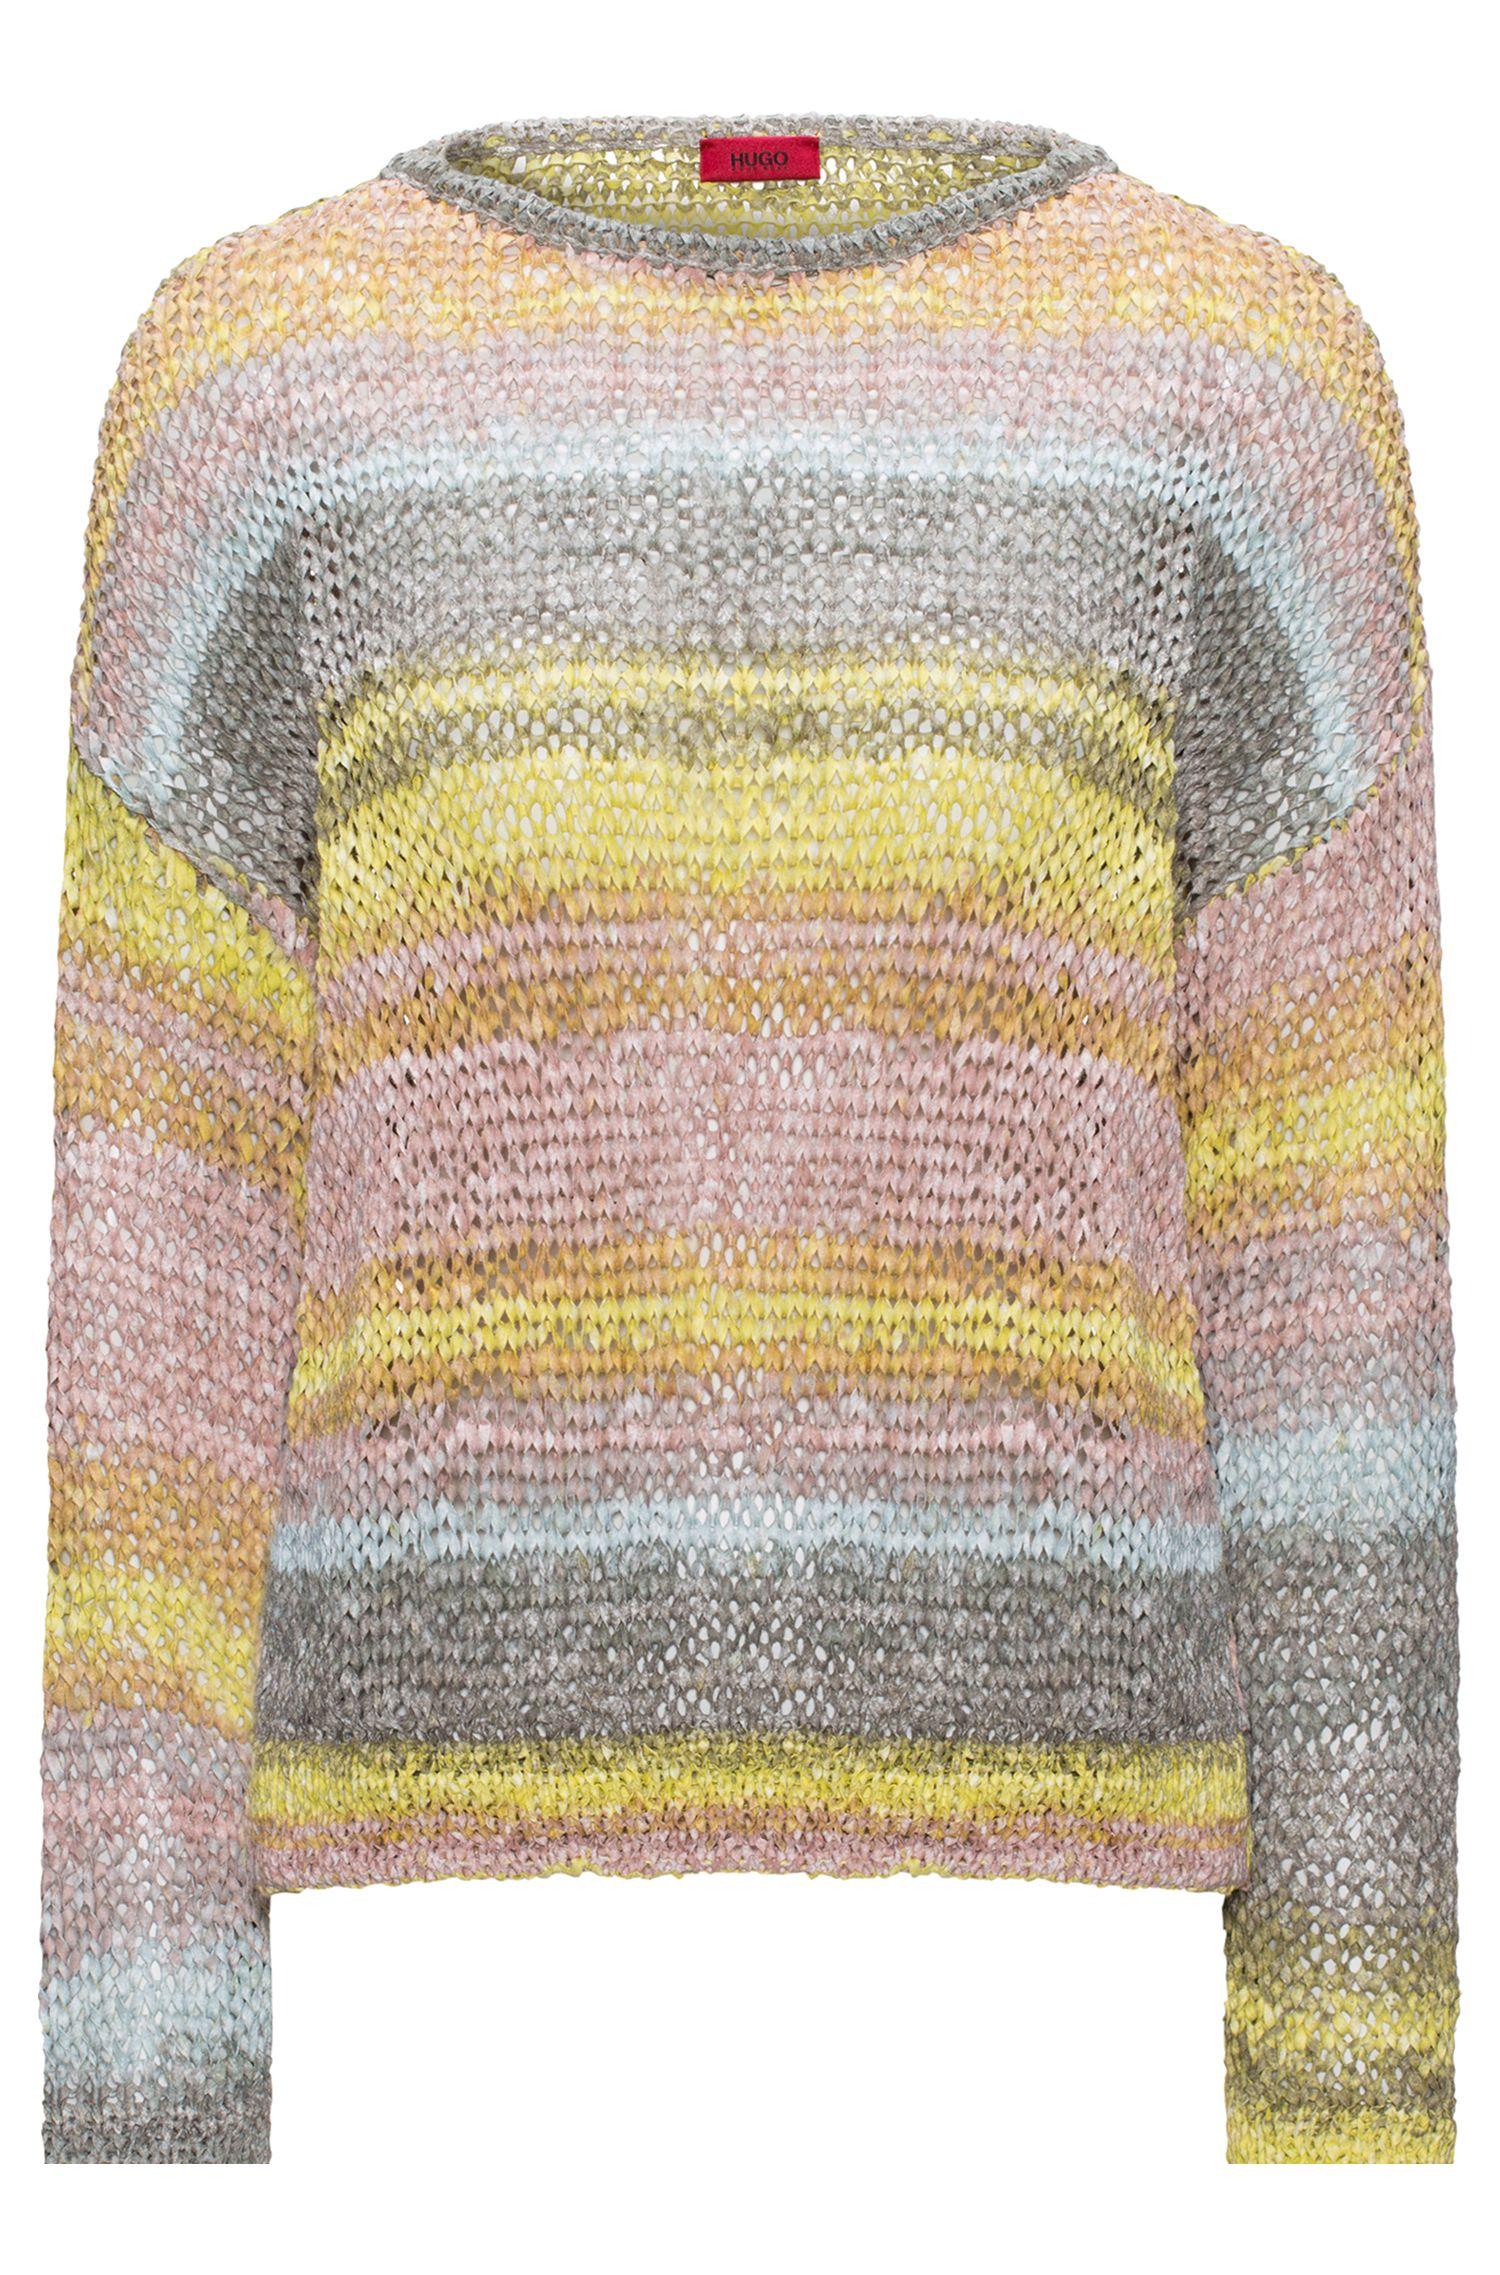 Mehrfarbiger Pullover aus Bändchengarn in Cropped-Länge